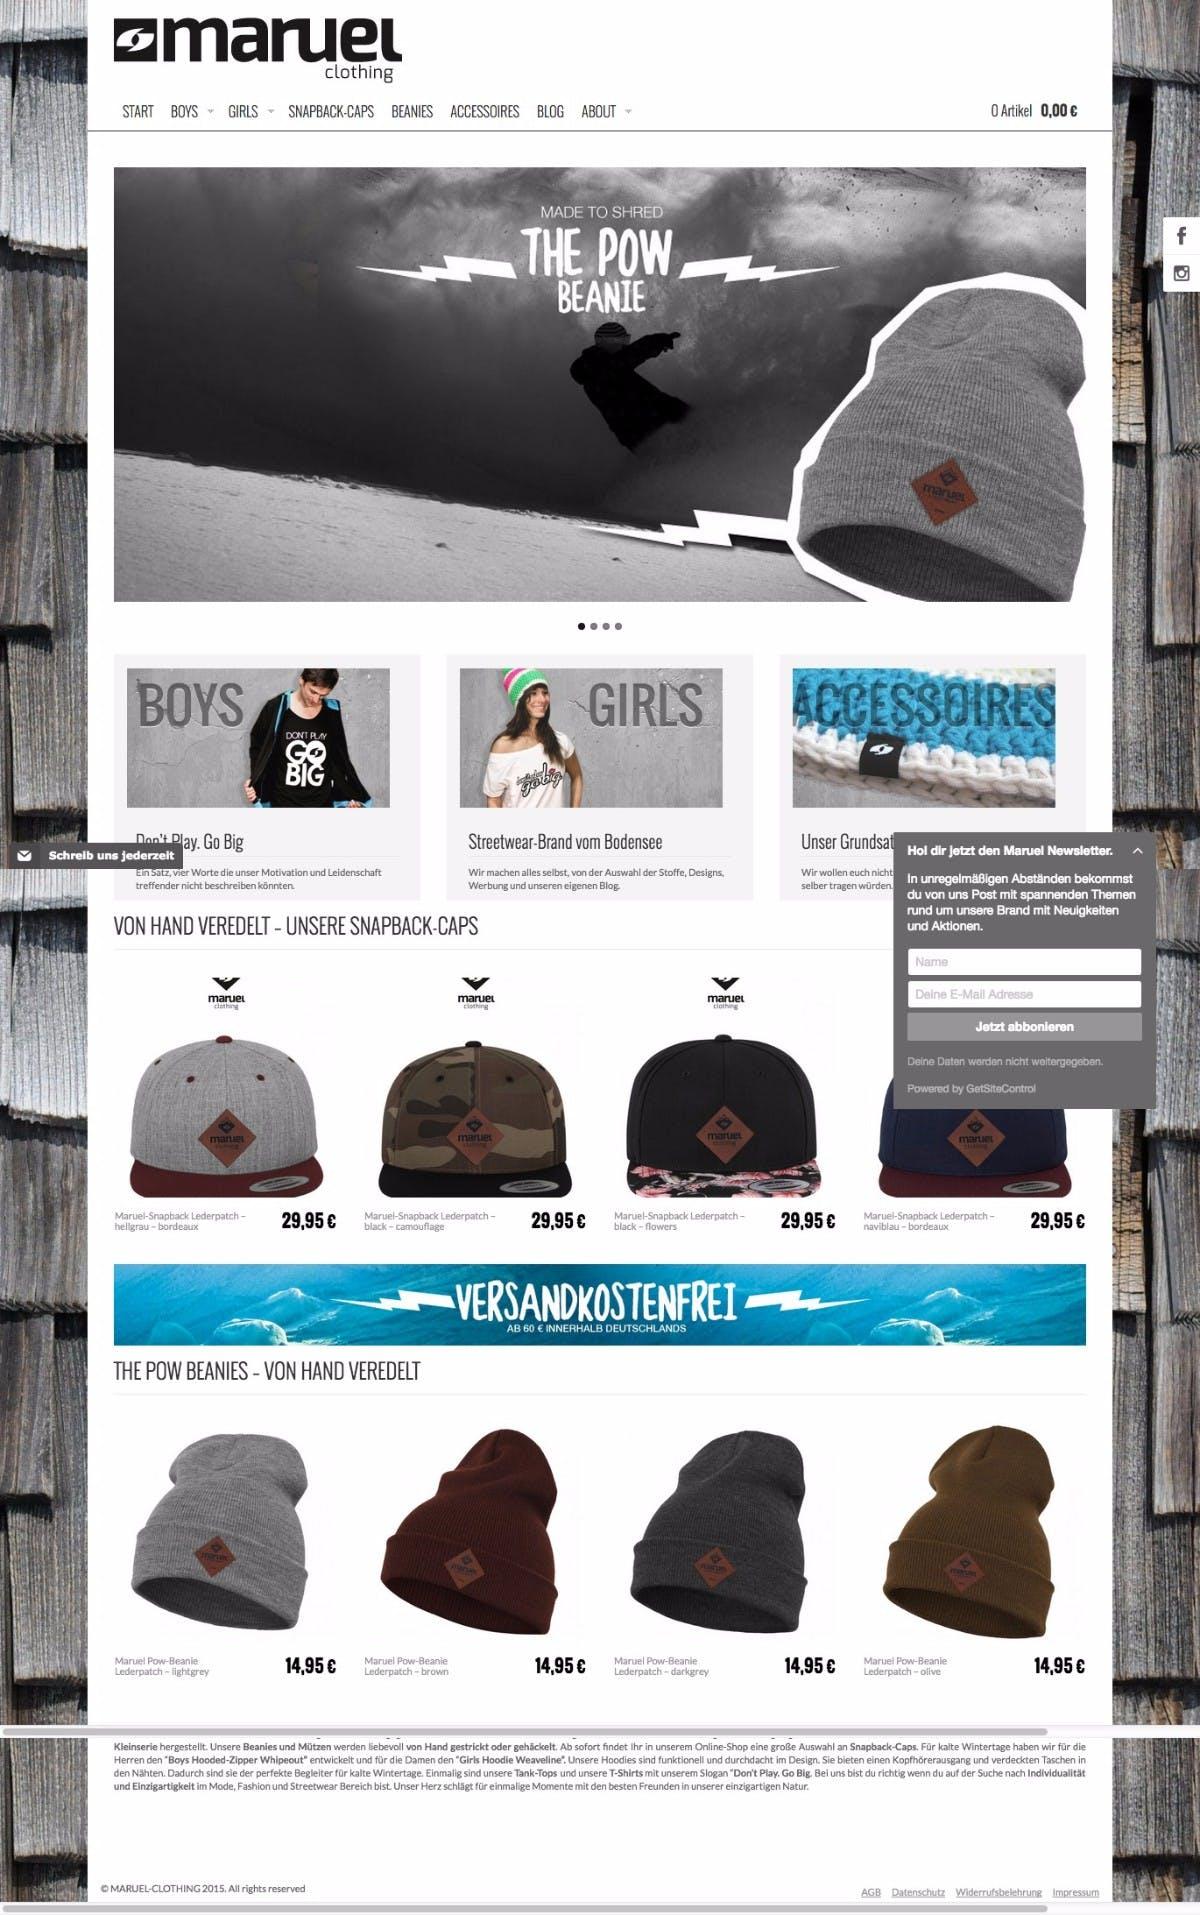 Maruel Clothing, ein Beispiel für eine Shop-Umsetzung mit Supr. (Screenshot: Maruel)